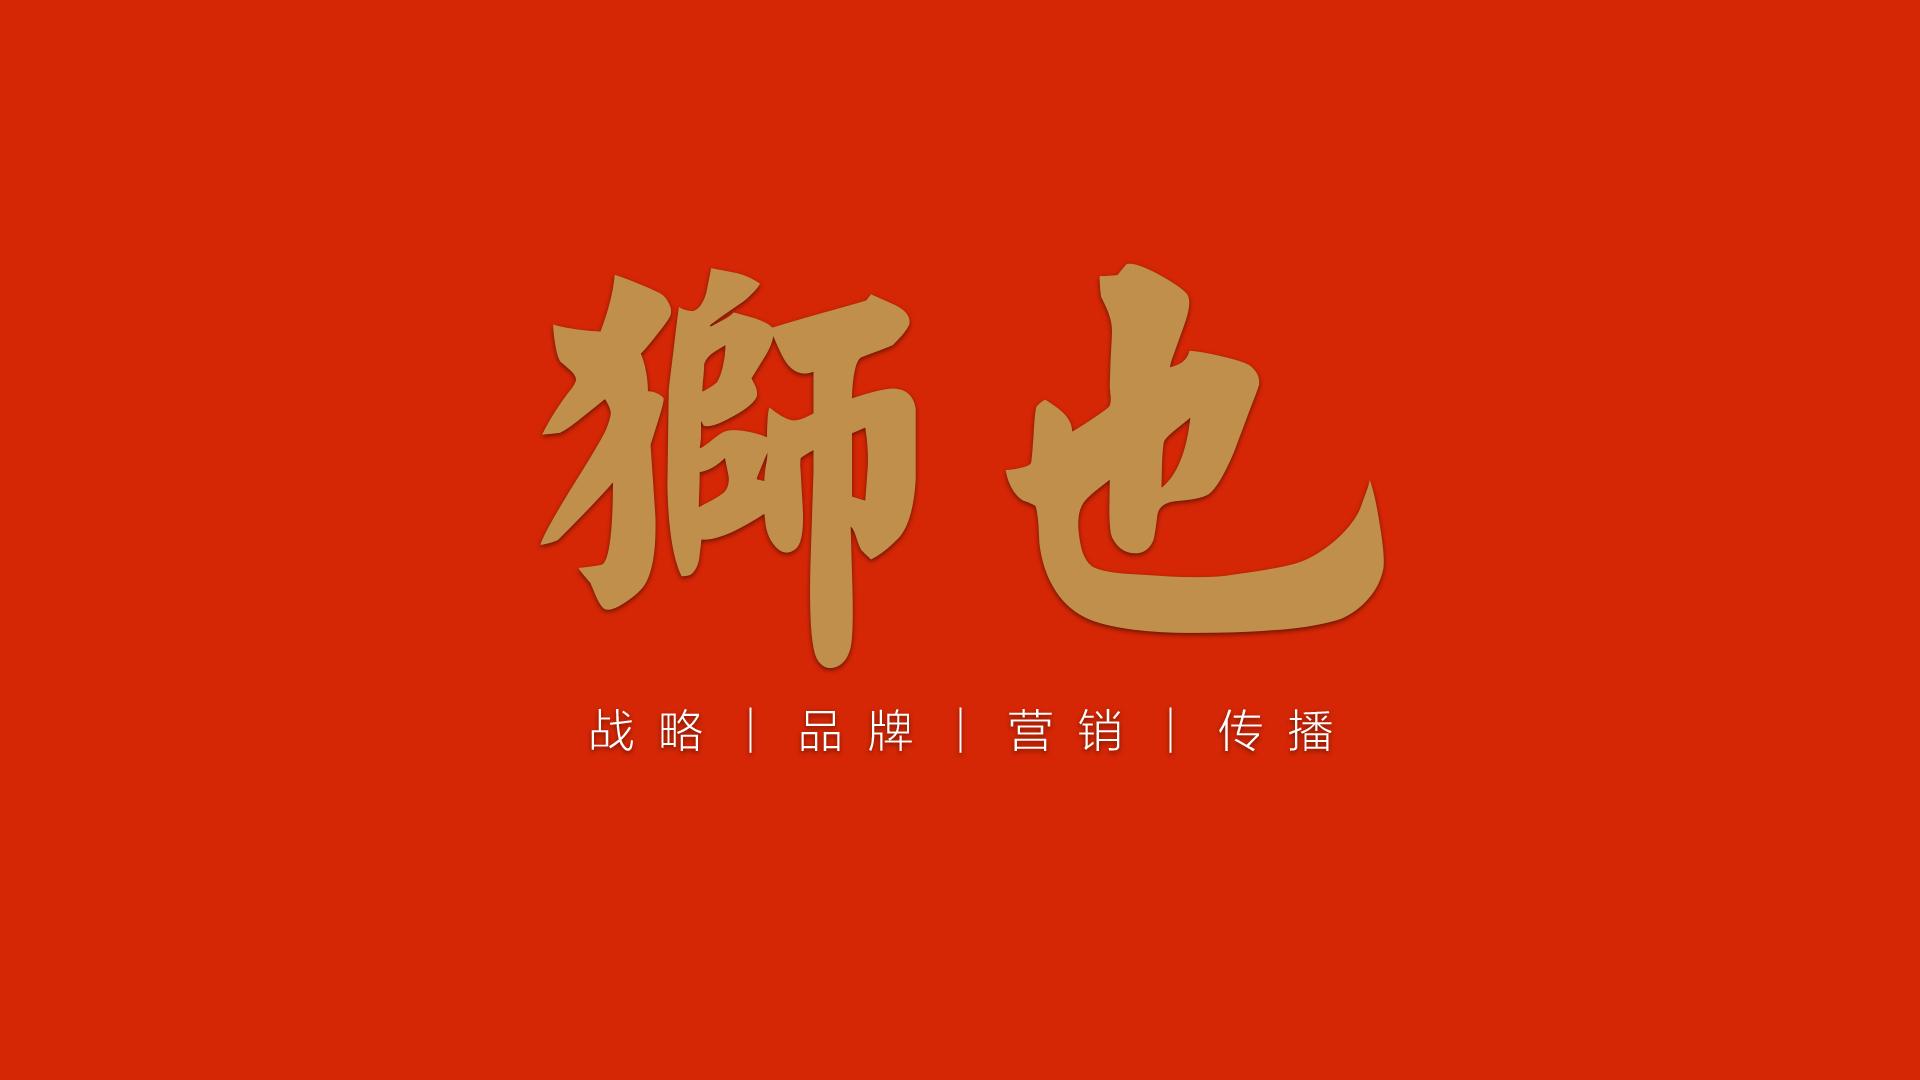 知识经济时代的市场营销战略—山东济南狮也战略品牌营销策划咨询顾问公司